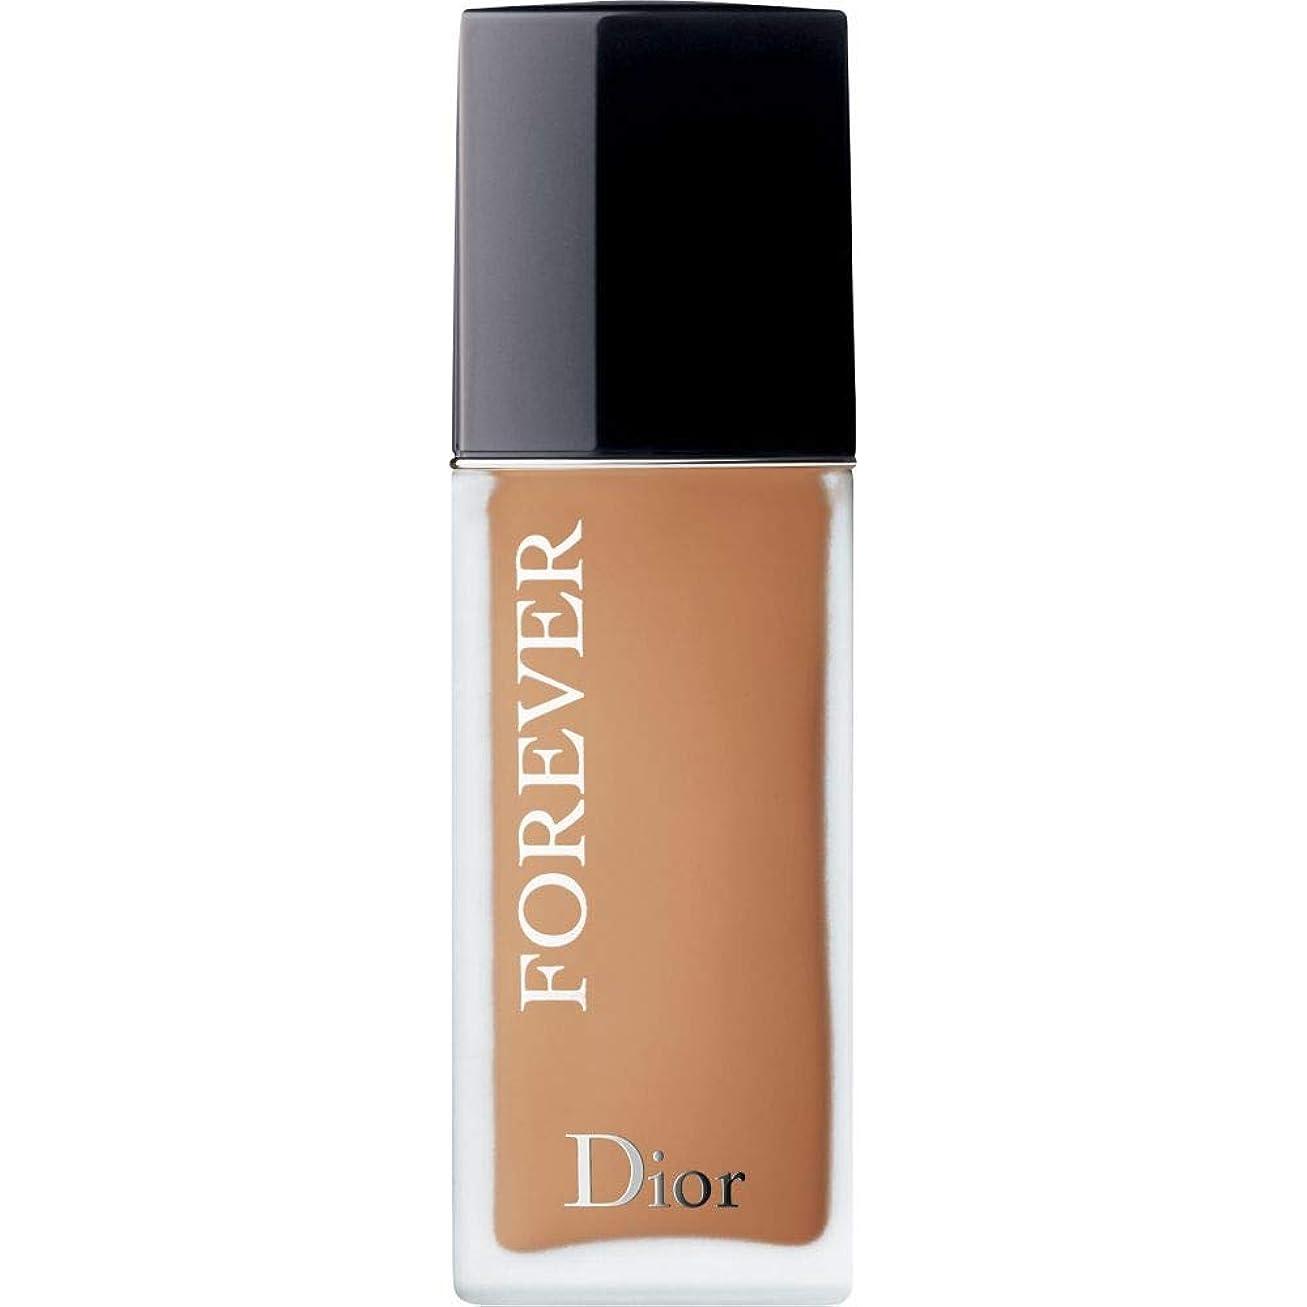 病な写真撮影コンパニオン[Dior ] ディオール永遠皮膚思いやりの基盤Spf35 30ミリリットルの4.5ワット - 暖かい(つや消し) - DIOR Forever Skin-Caring Foundation SPF35 30ml 4.5W - Warm (Matte) [並行輸入品]